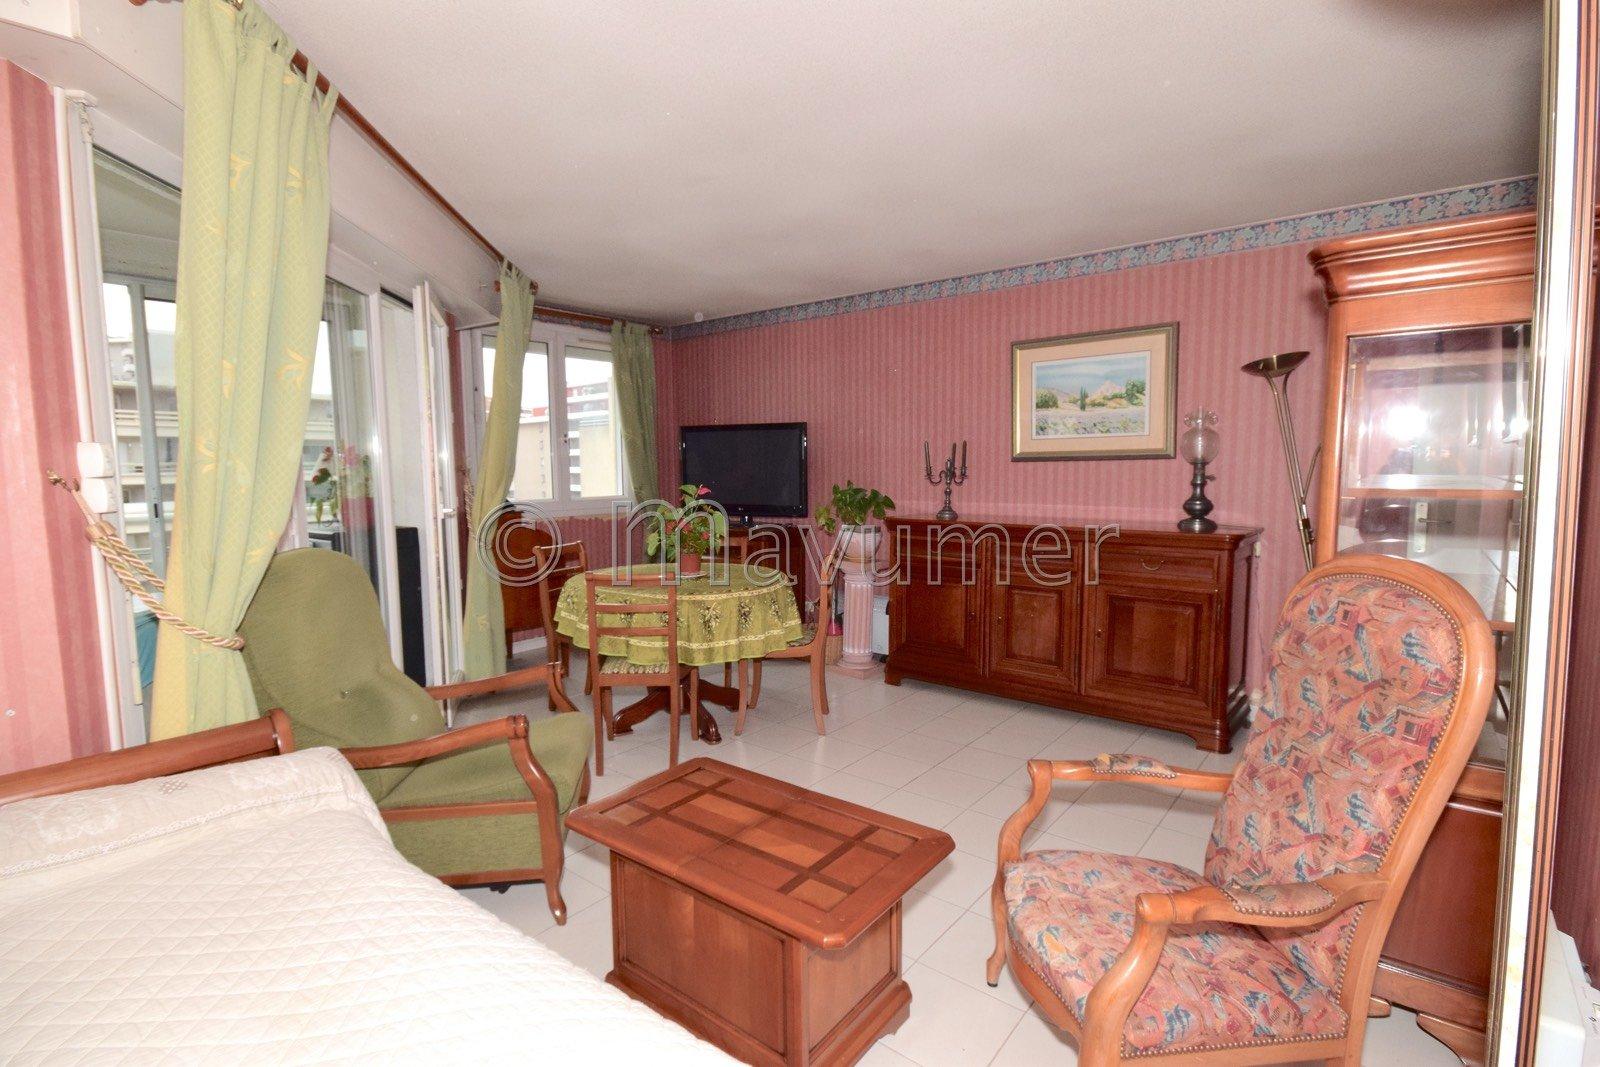 Appartement T 2 -  Périer - 13008 Marseille